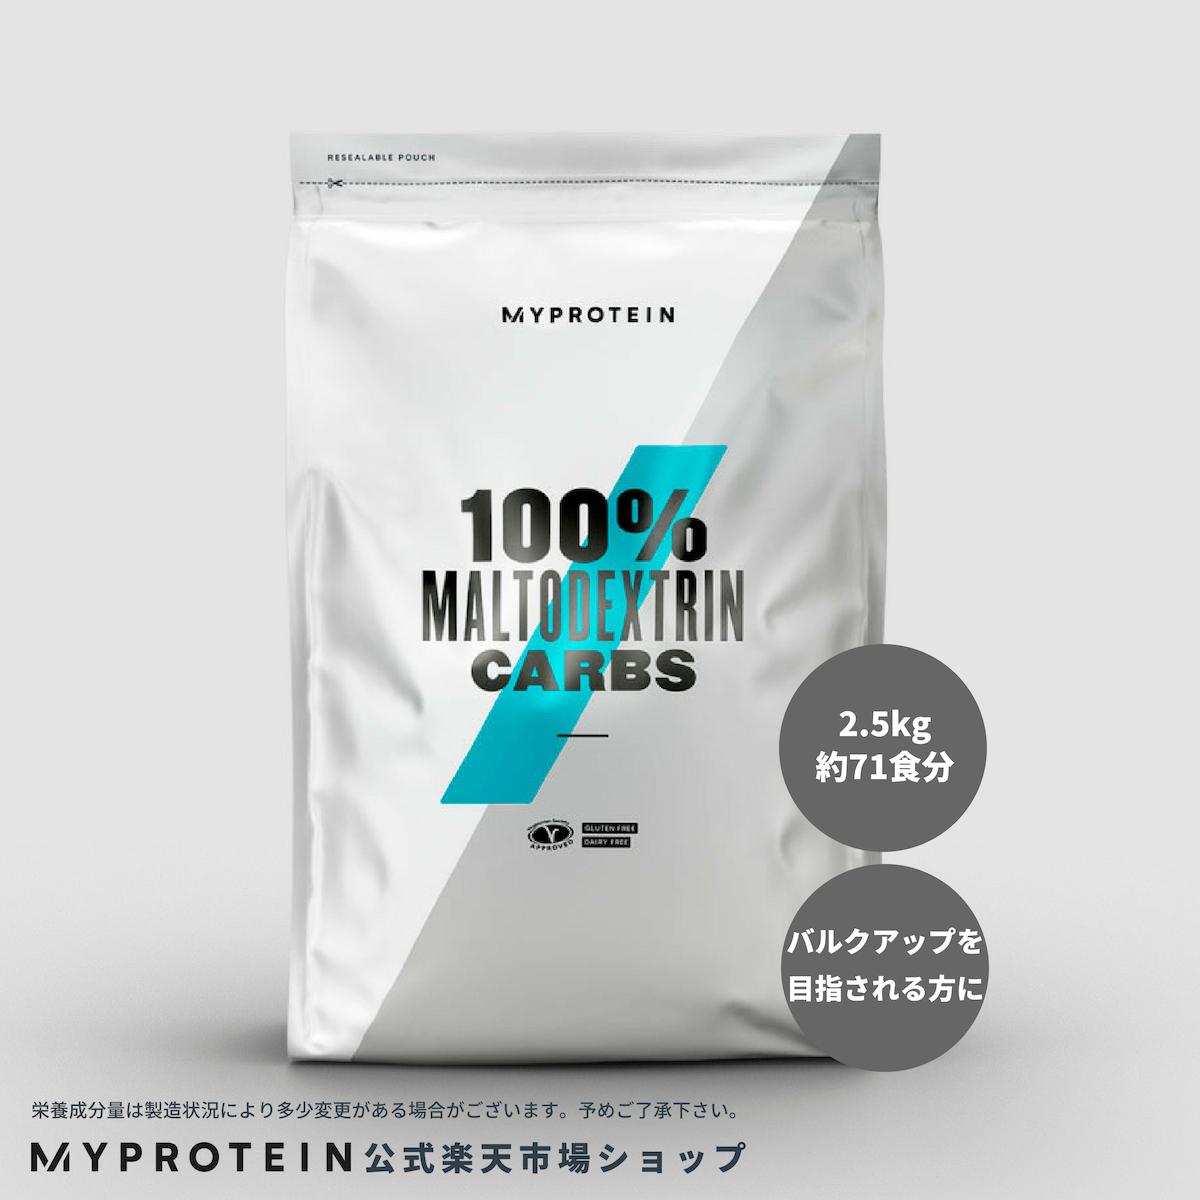 マイプロテイン 公式 【MyProtein】 マルトデキストリン カーブス 2.5kg 約71食分| サプリメント サプリ 炭水化物 ベジタリアン 健康サプリ 健康食品 ウェイトアップ 増量 ウェイトゲイン 【楽天海外直送】